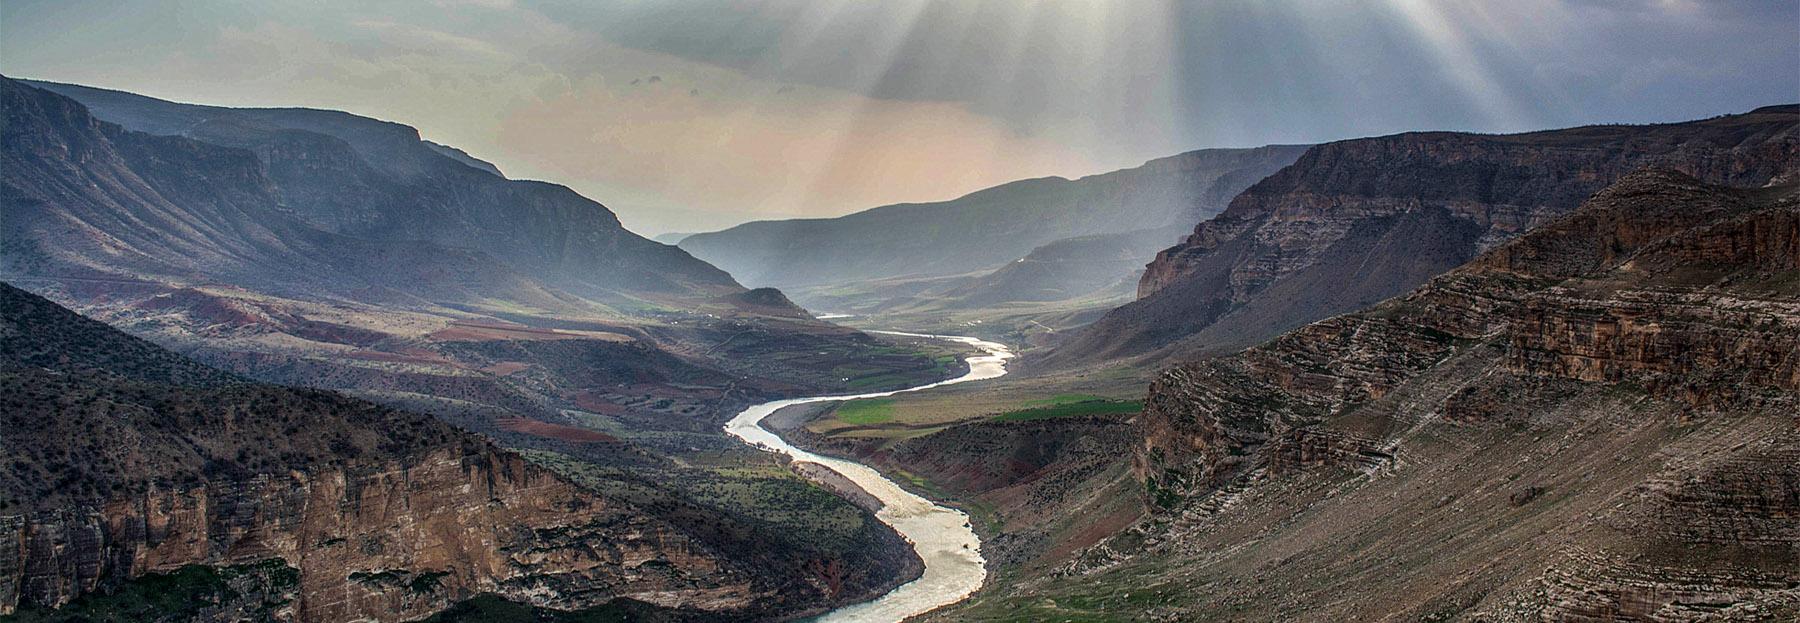 Botan River 1.jpg